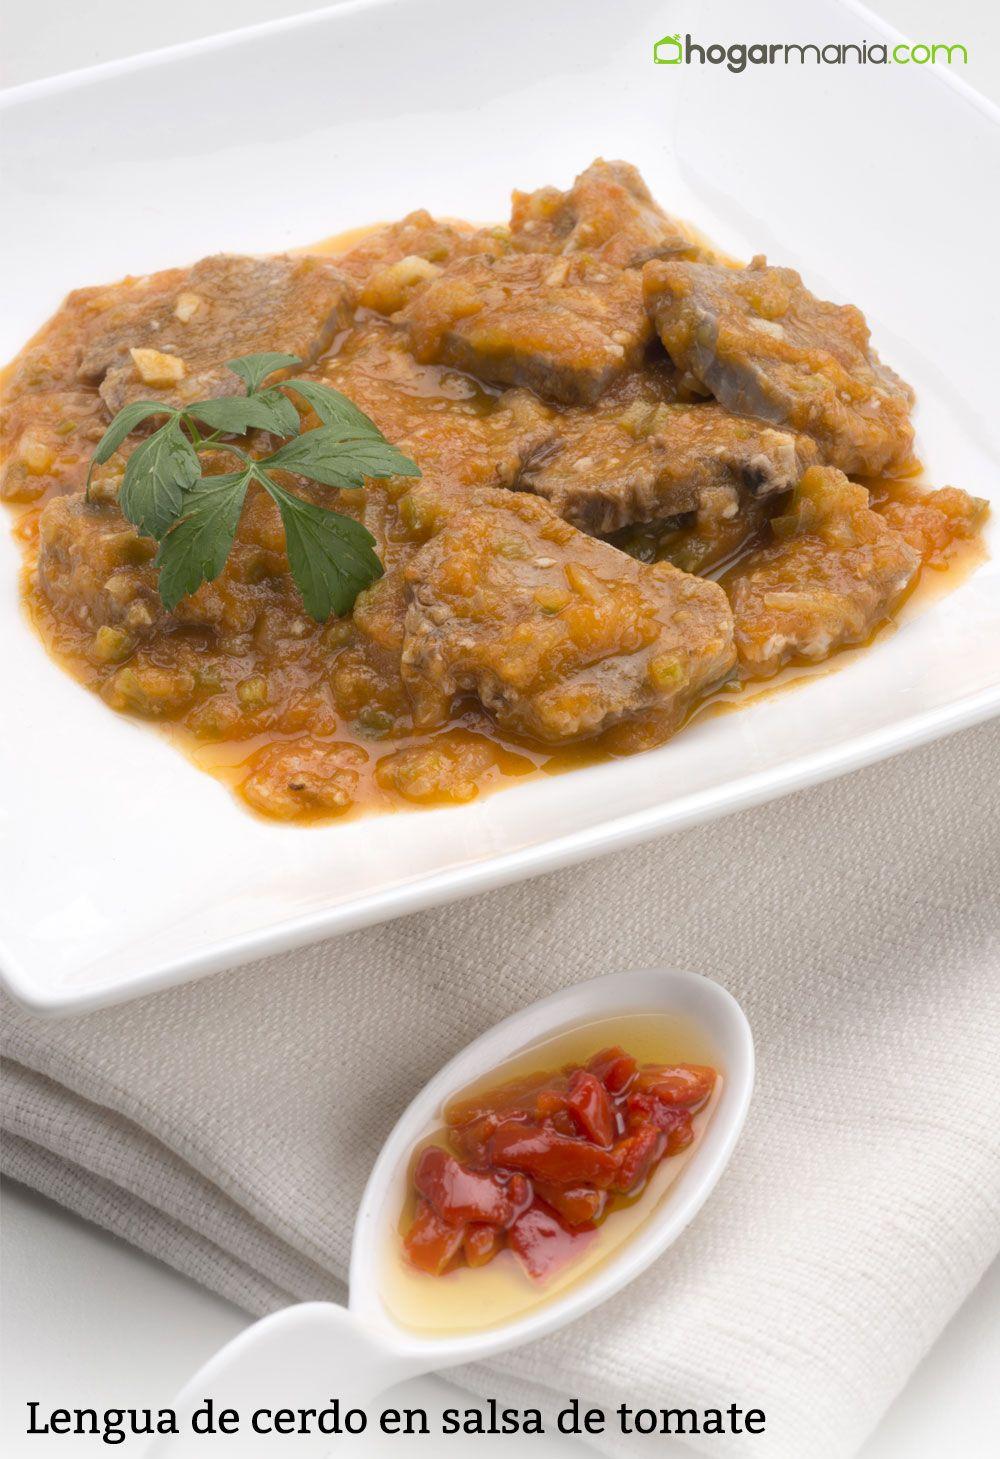 Lengua de cerdo en salsa de tomate